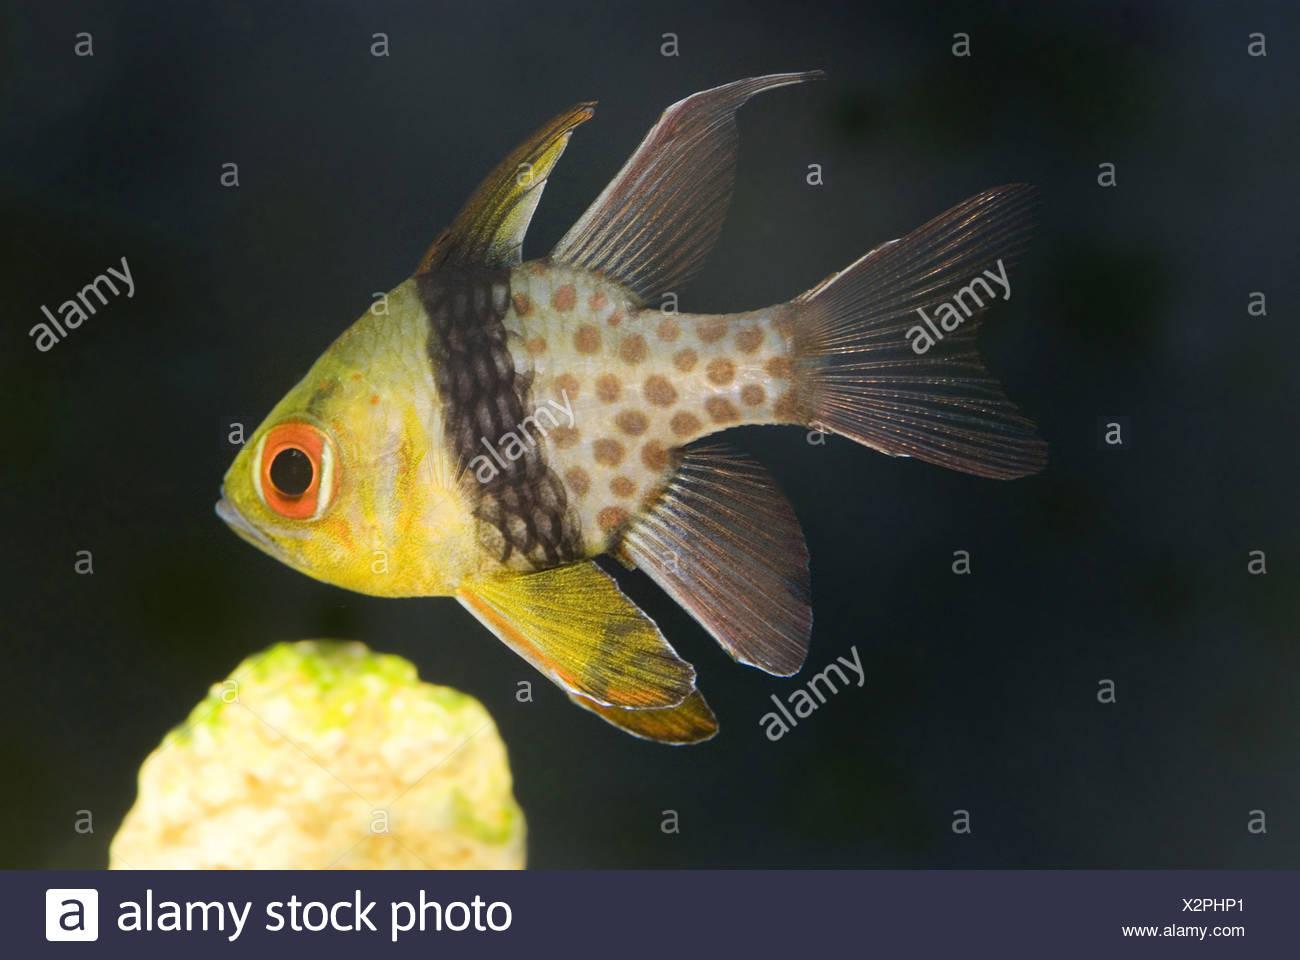 pajama cardinalfish, sphaeramia nematoptera - Stock Image